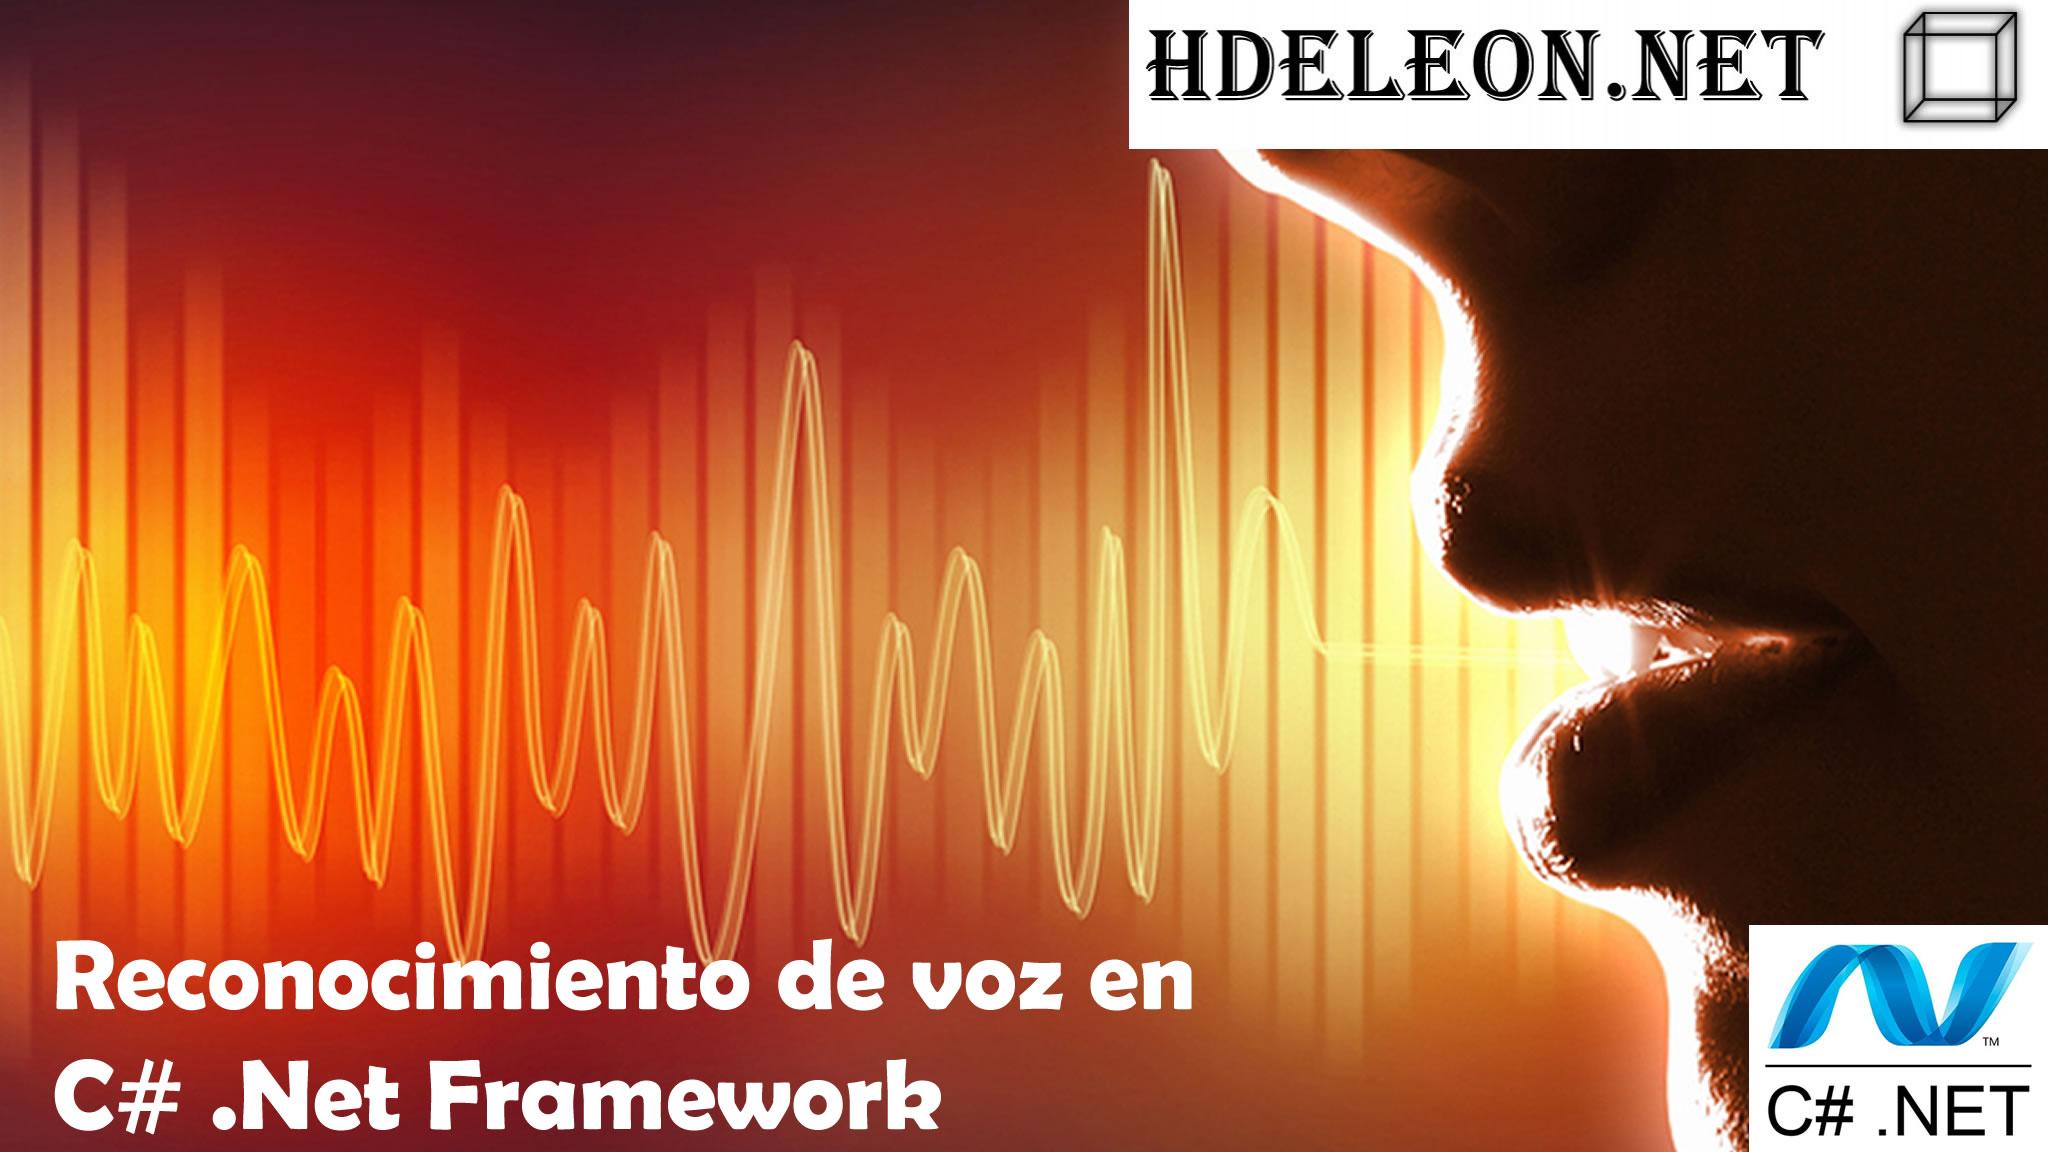 Reconocimiento de voz en C# .Net Framework